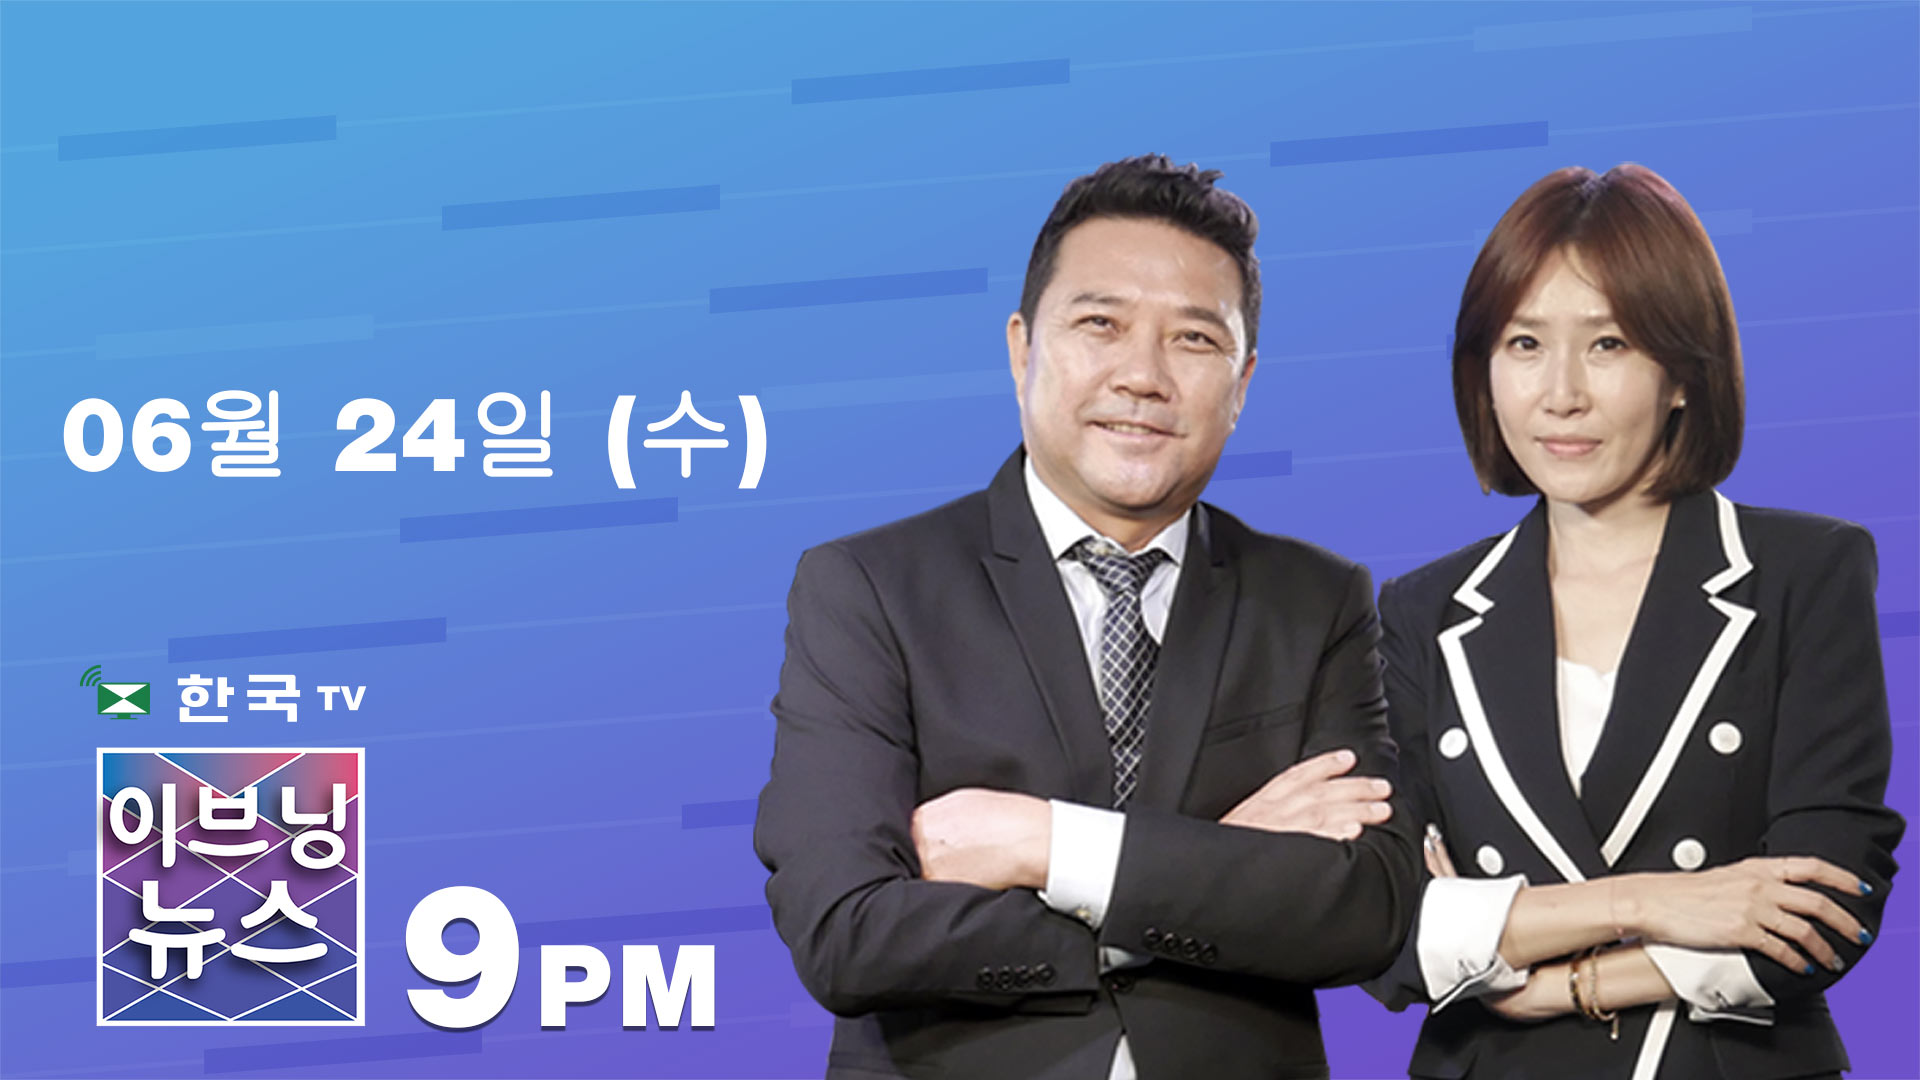 (06.24.2020) 한국TV 이브닝 뉴스